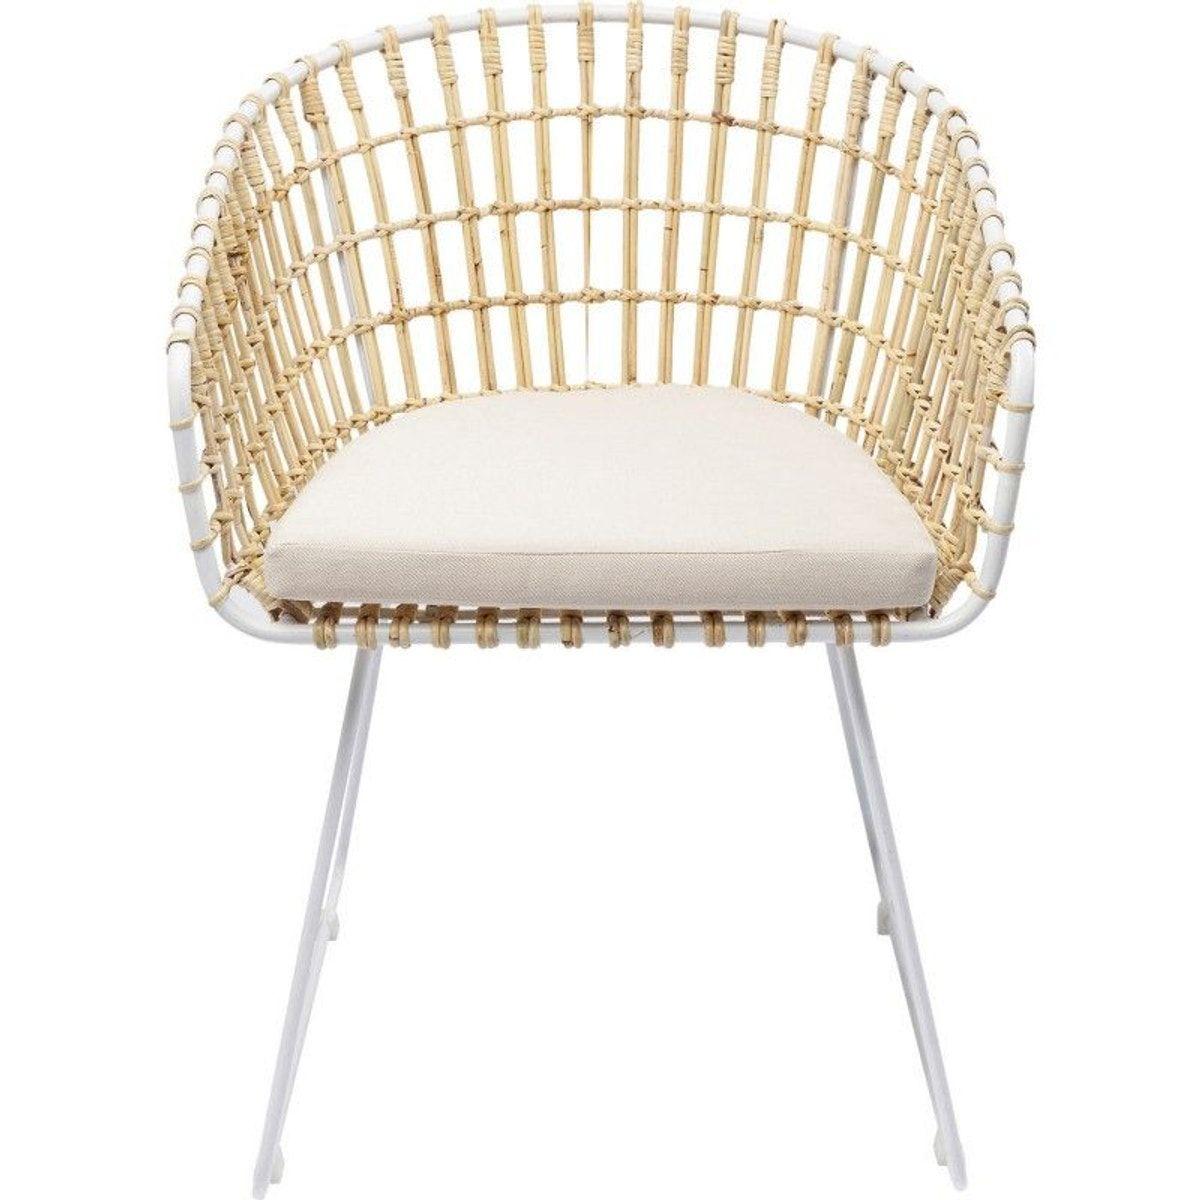 Chaise Avec Accoudoirs Dolce Kare Design Taille Taille Unique Fauteuil Deco Chaise Design Chaise Fauteuil